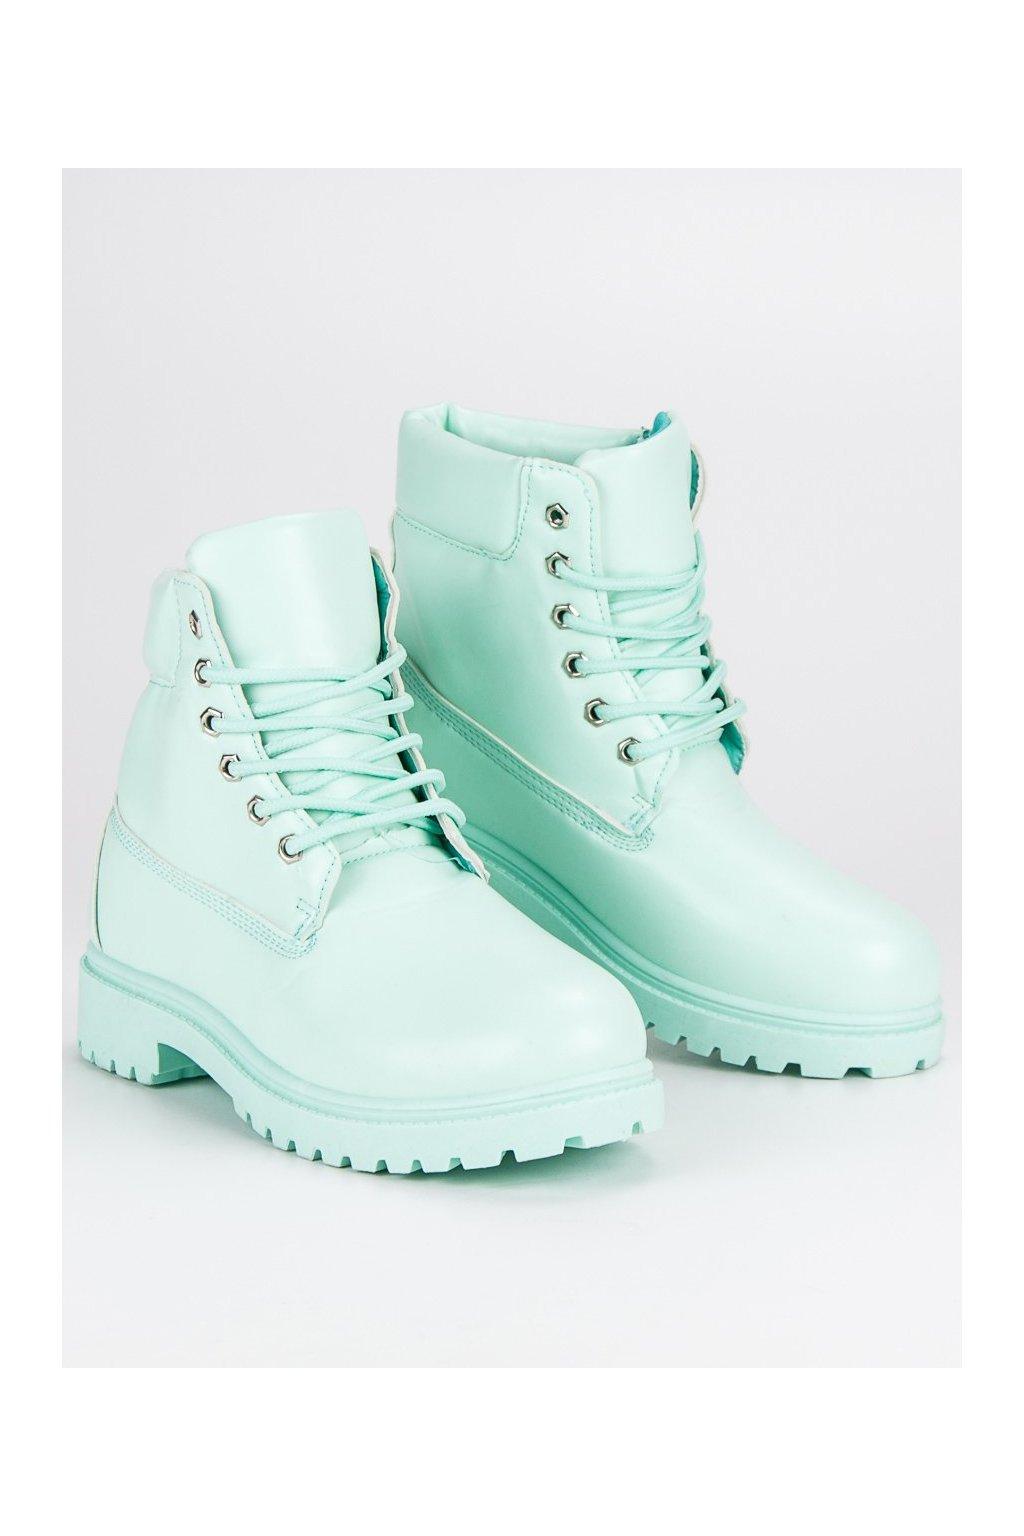 Pastelové dámske topánky na zimu traperky zelené  950b23dc738